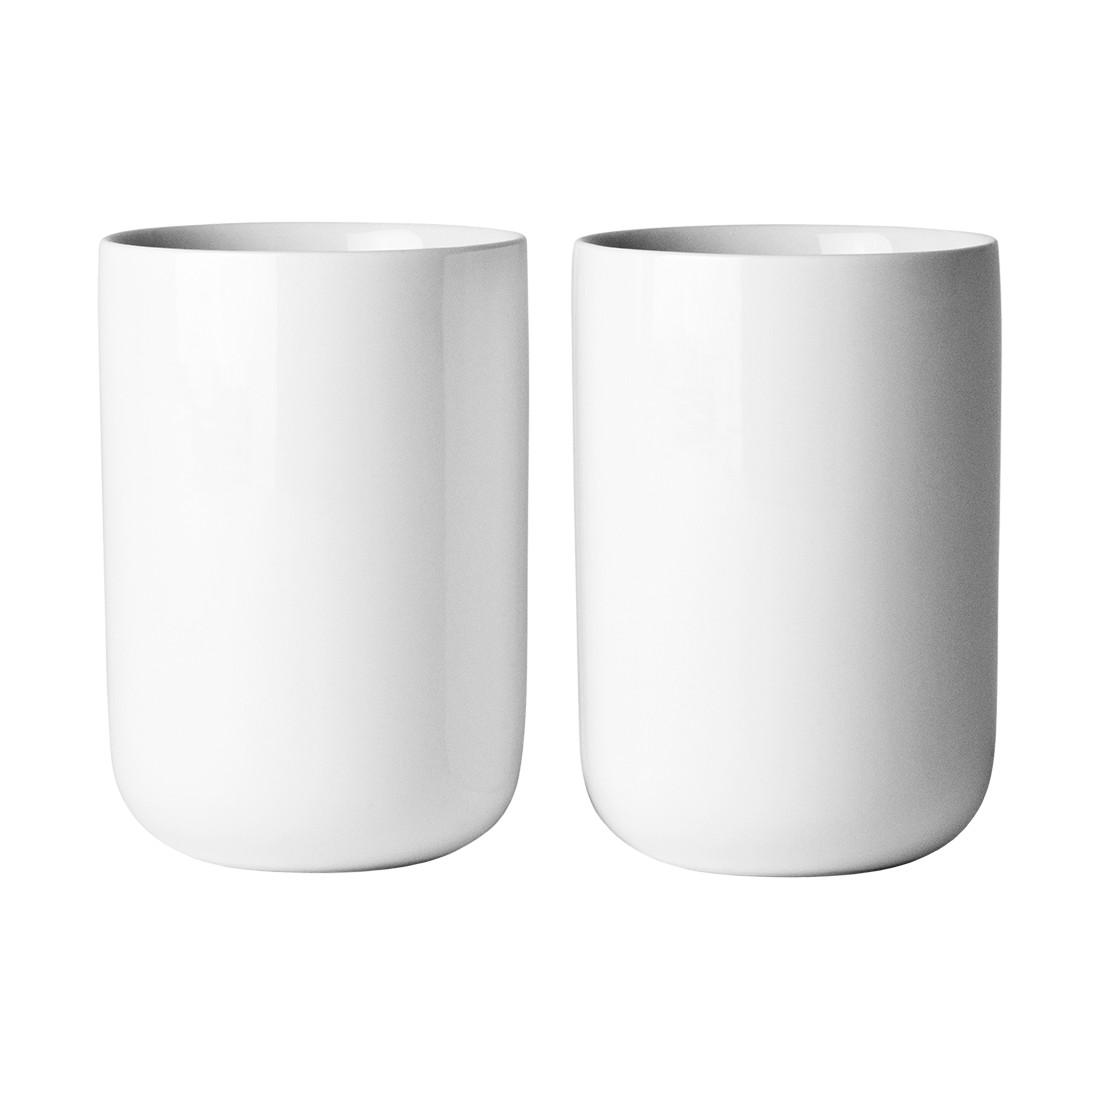 Thermobecher New Norm weiß 2er-Set – Porzellan Weiß – 0,275 Liter 12 cm, Menu günstig online kaufen